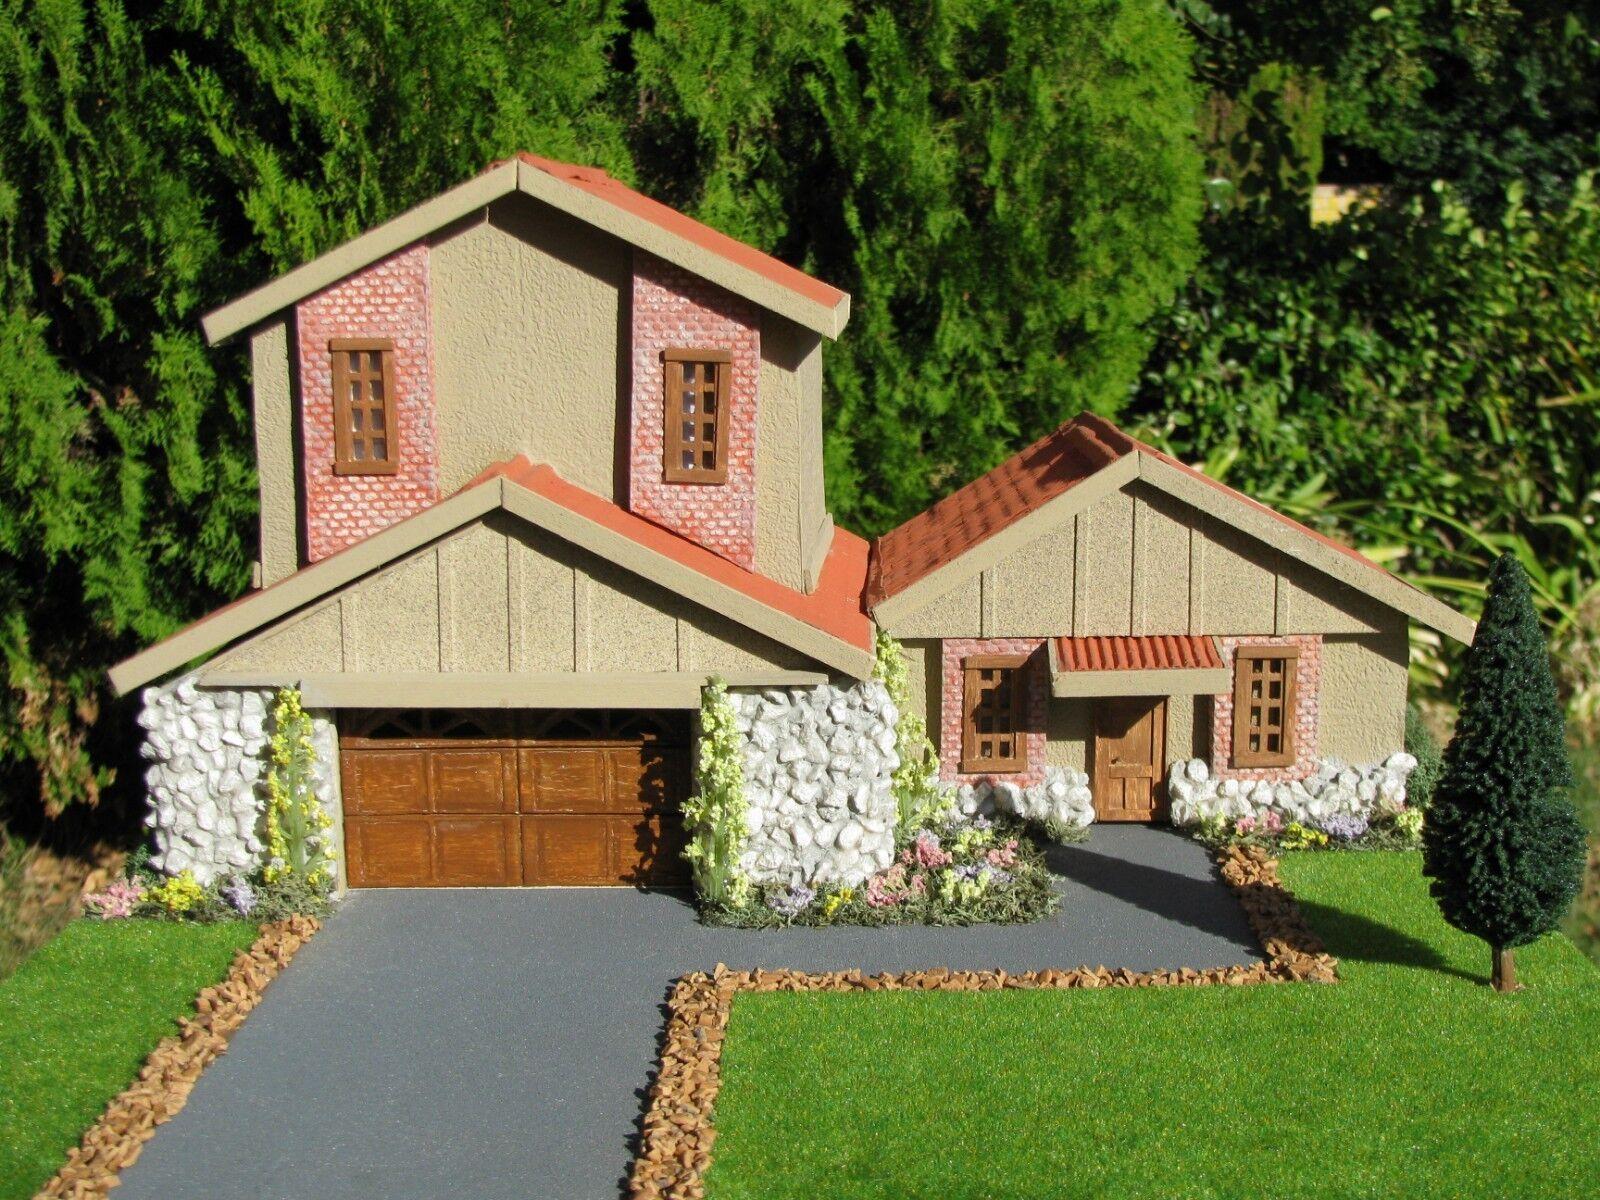 1 64 SCALE SCRATCHBUILT HOUSE DIORAMA BUILT BY ADAM GORMAN